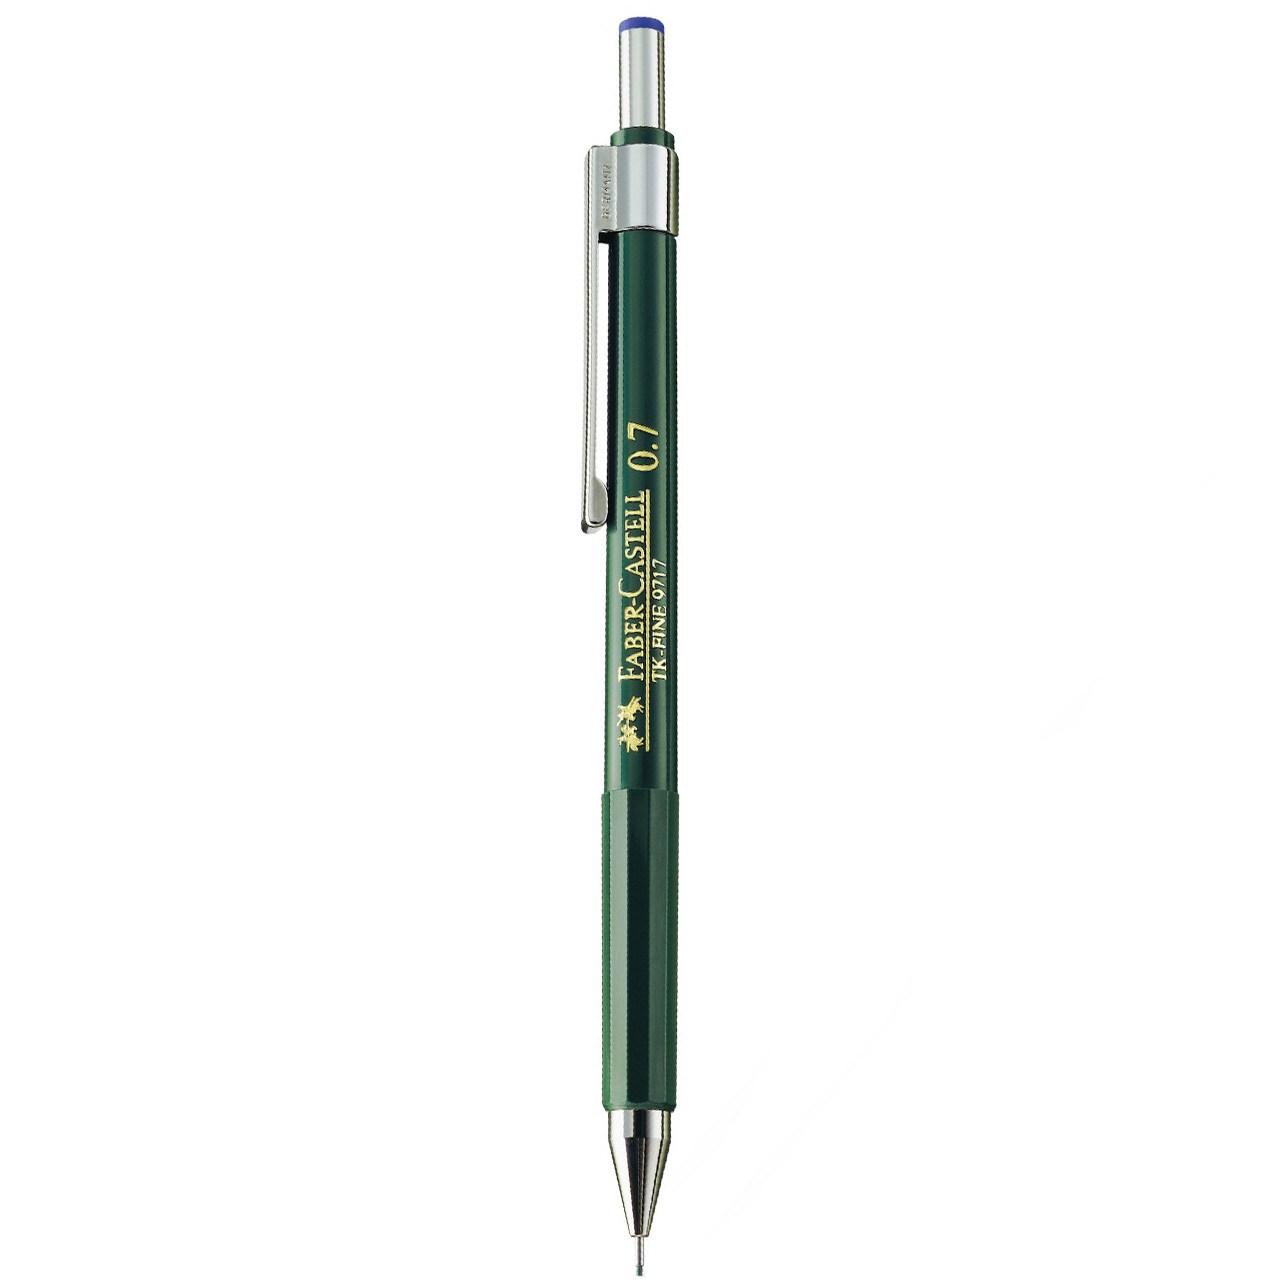 مداد نوکی 0.7 میلی متری فابر-کاستل مدل TK-Fine 9717